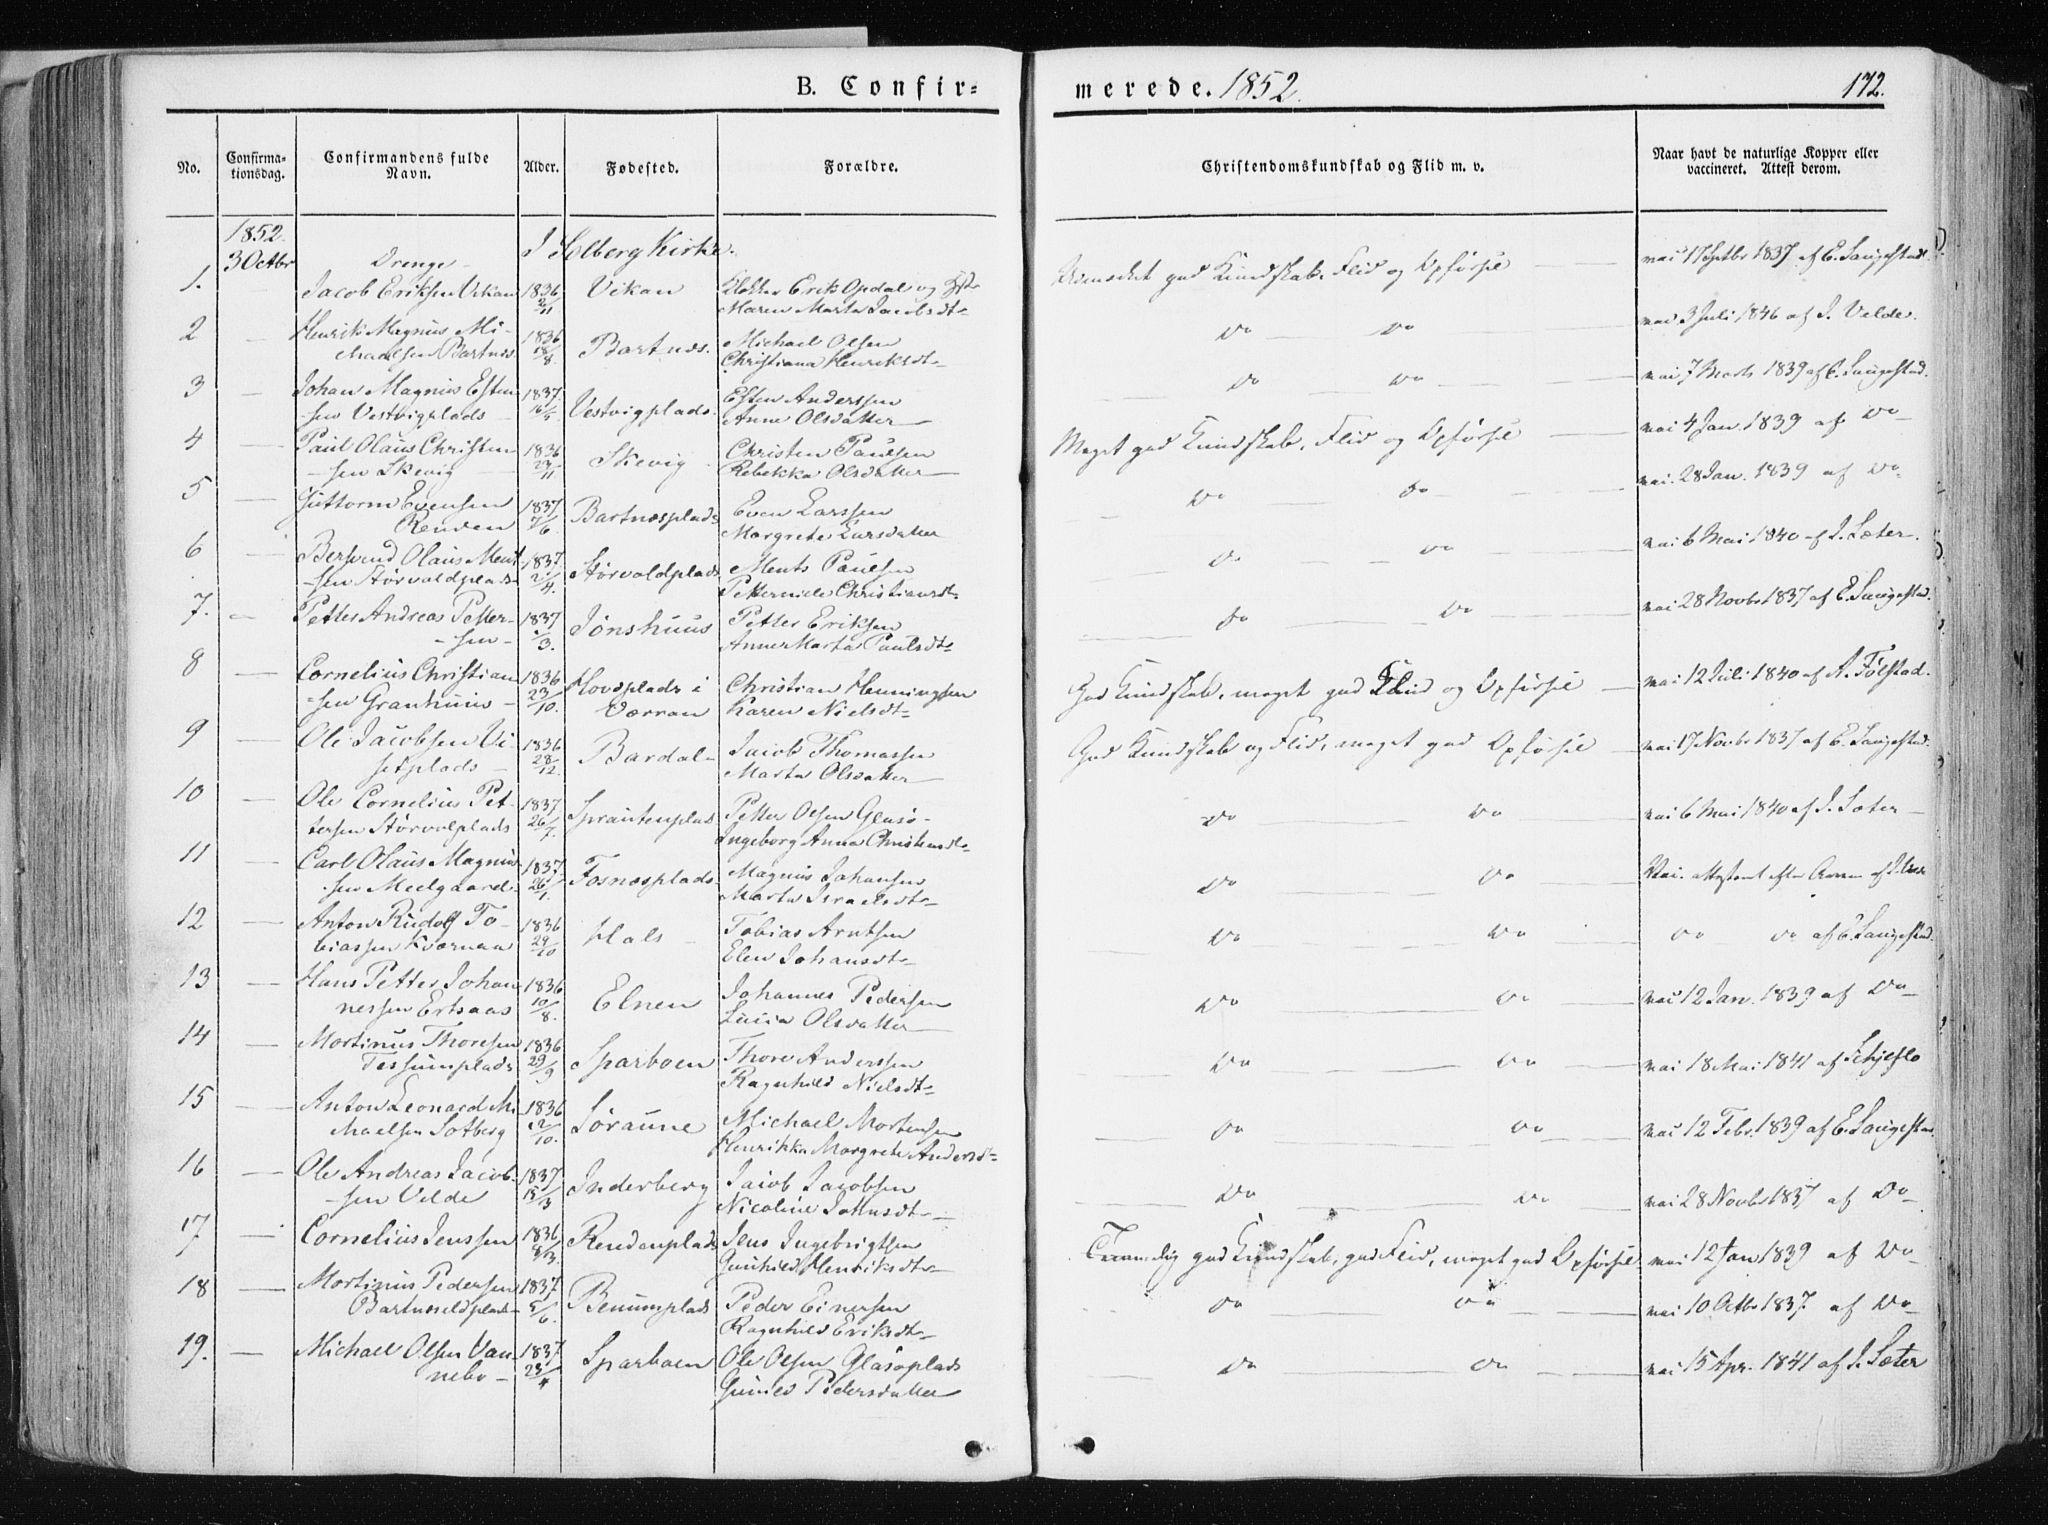 SAT, Ministerialprotokoller, klokkerbøker og fødselsregistre - Nord-Trøndelag, 741/L0393: Ministerialbok nr. 741A07, 1849-1863, s. 172